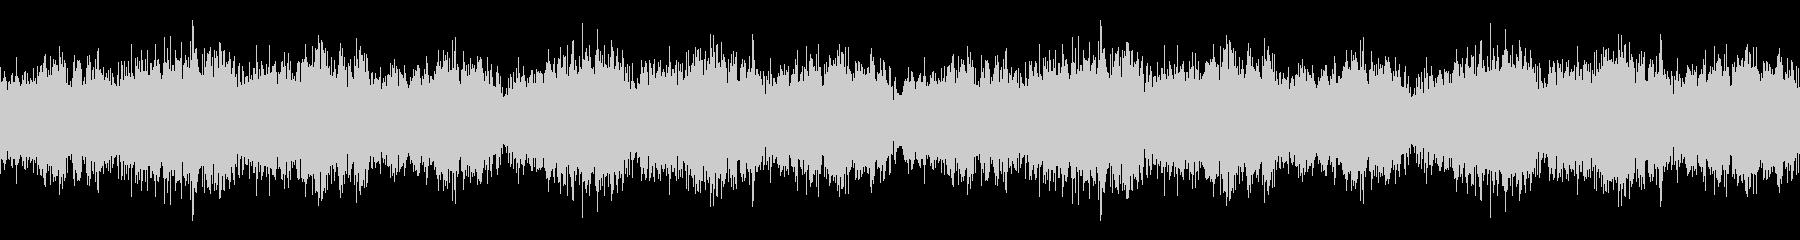 警報が鳴る(ループ対応)の未再生の波形